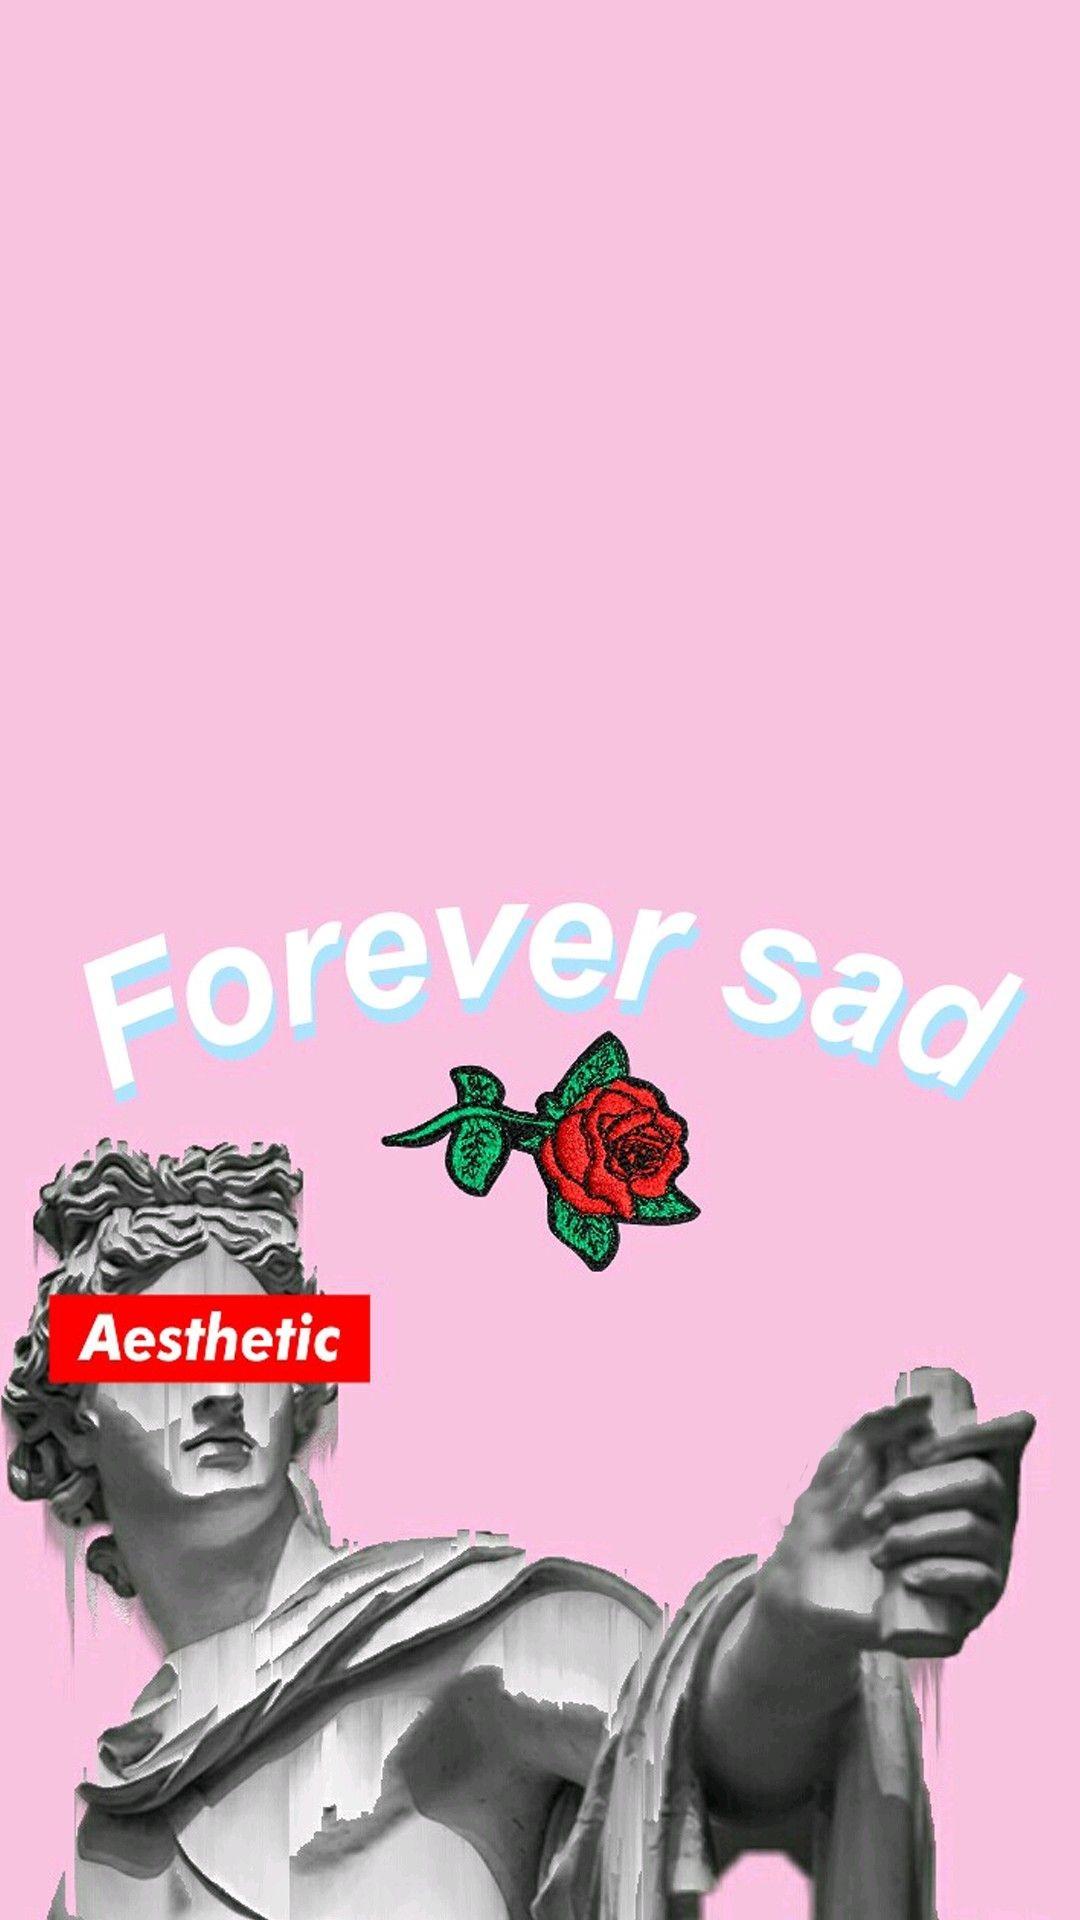 Tumblr Aesthetic Wallpaper Forever Sad 54002 Hd Wallpaper